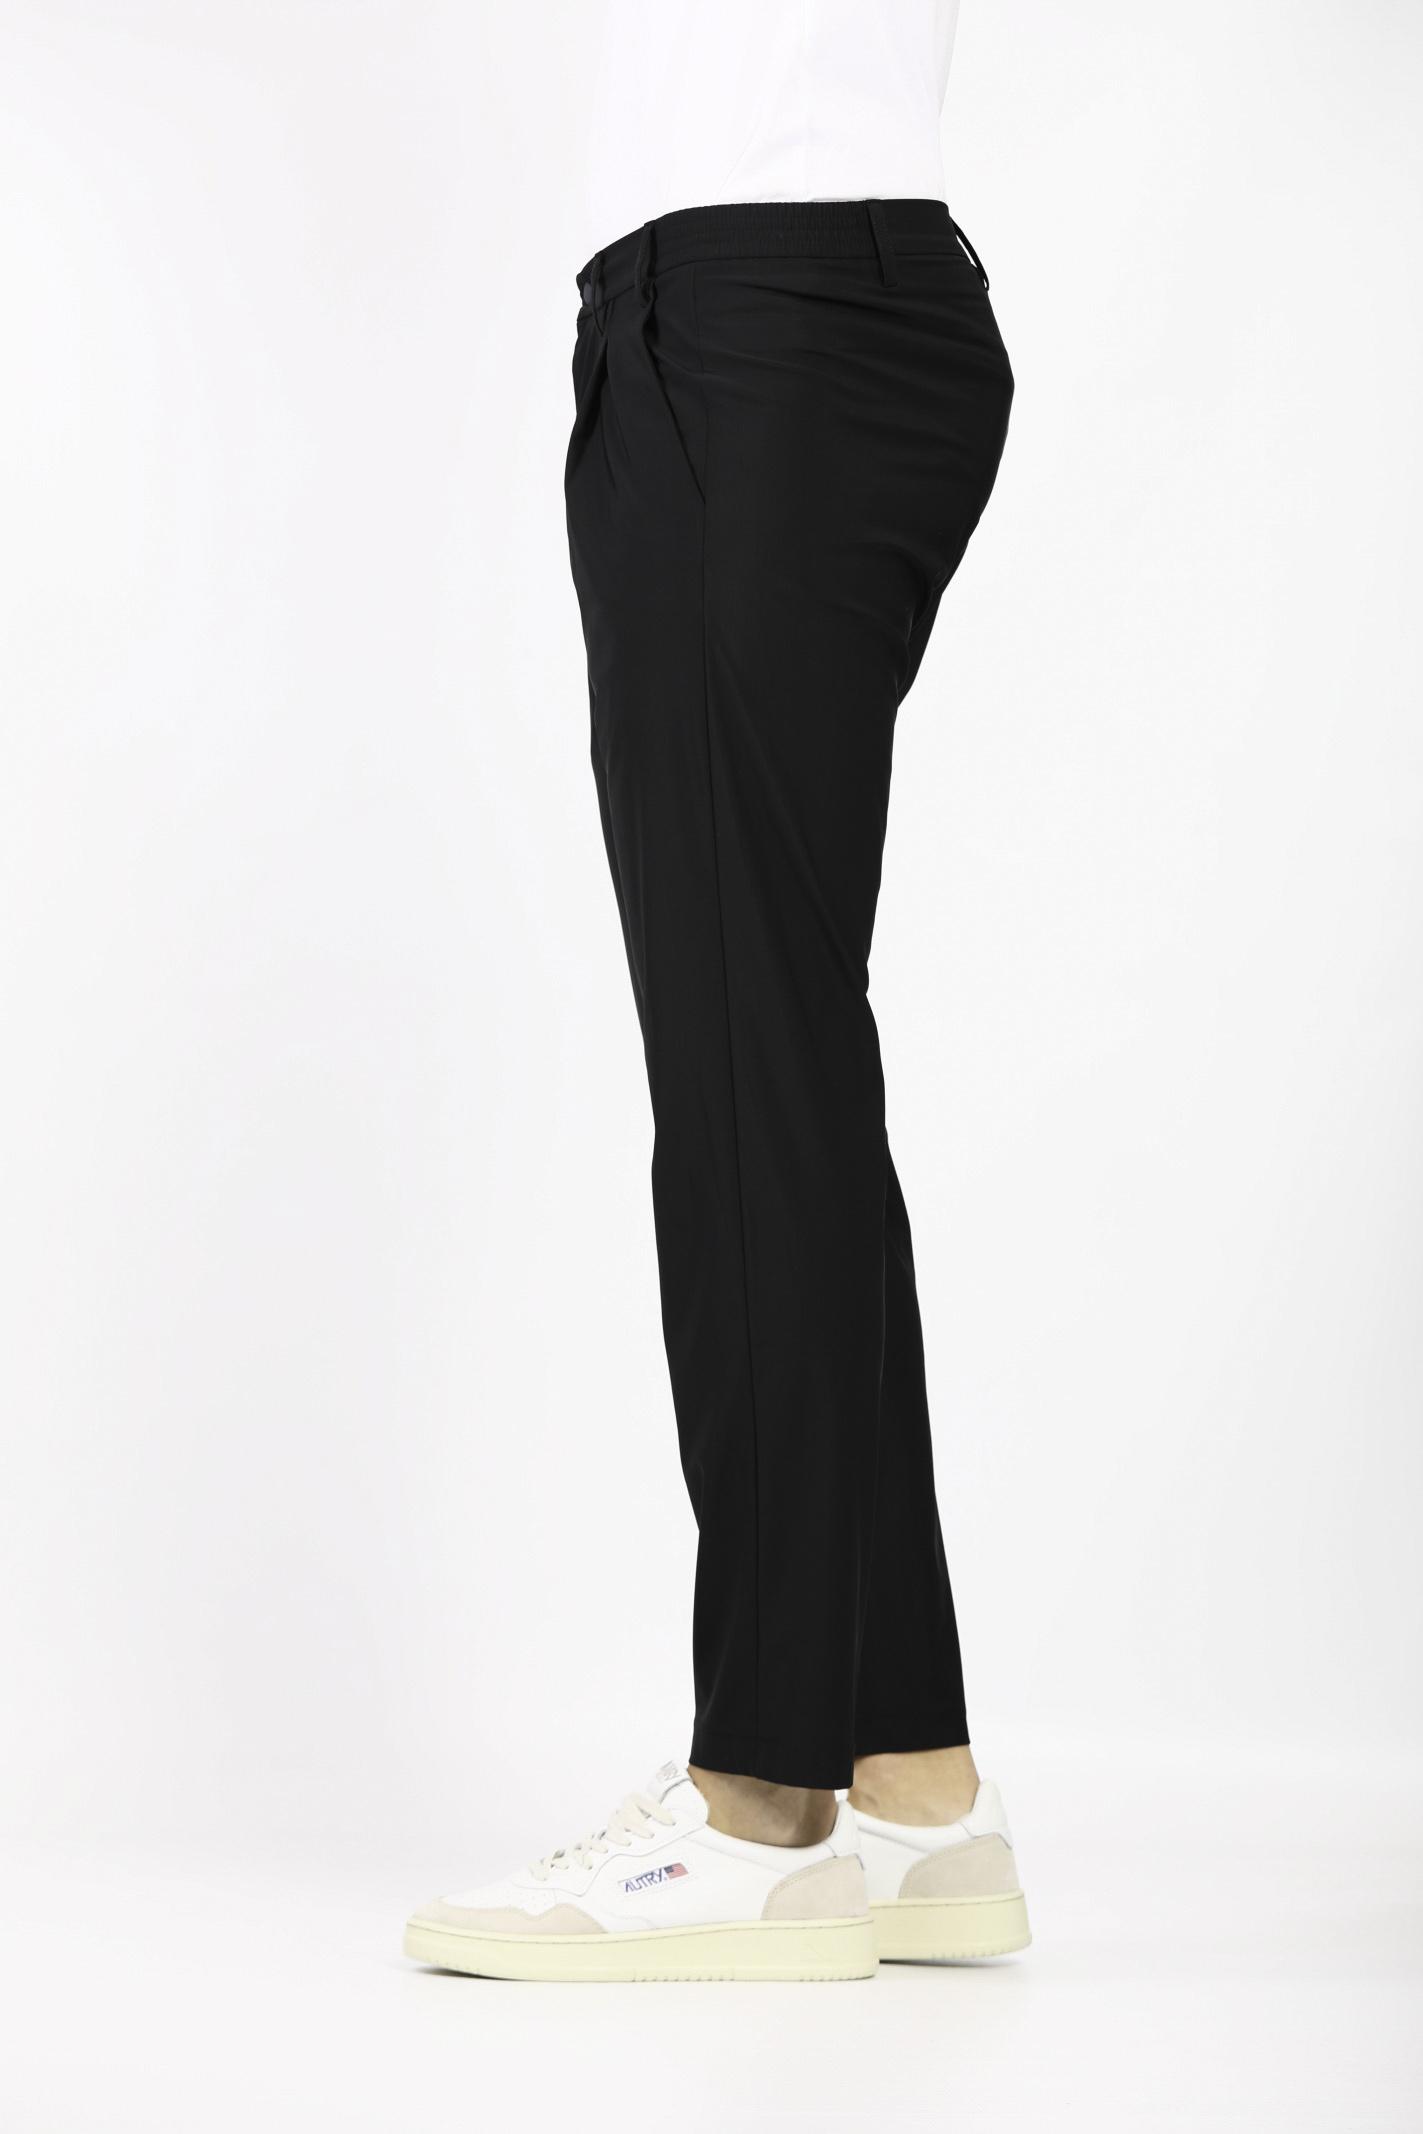 Pantalone PEOPLE OF SHIBUYA | Pantaloni | KOBRA-PM750999